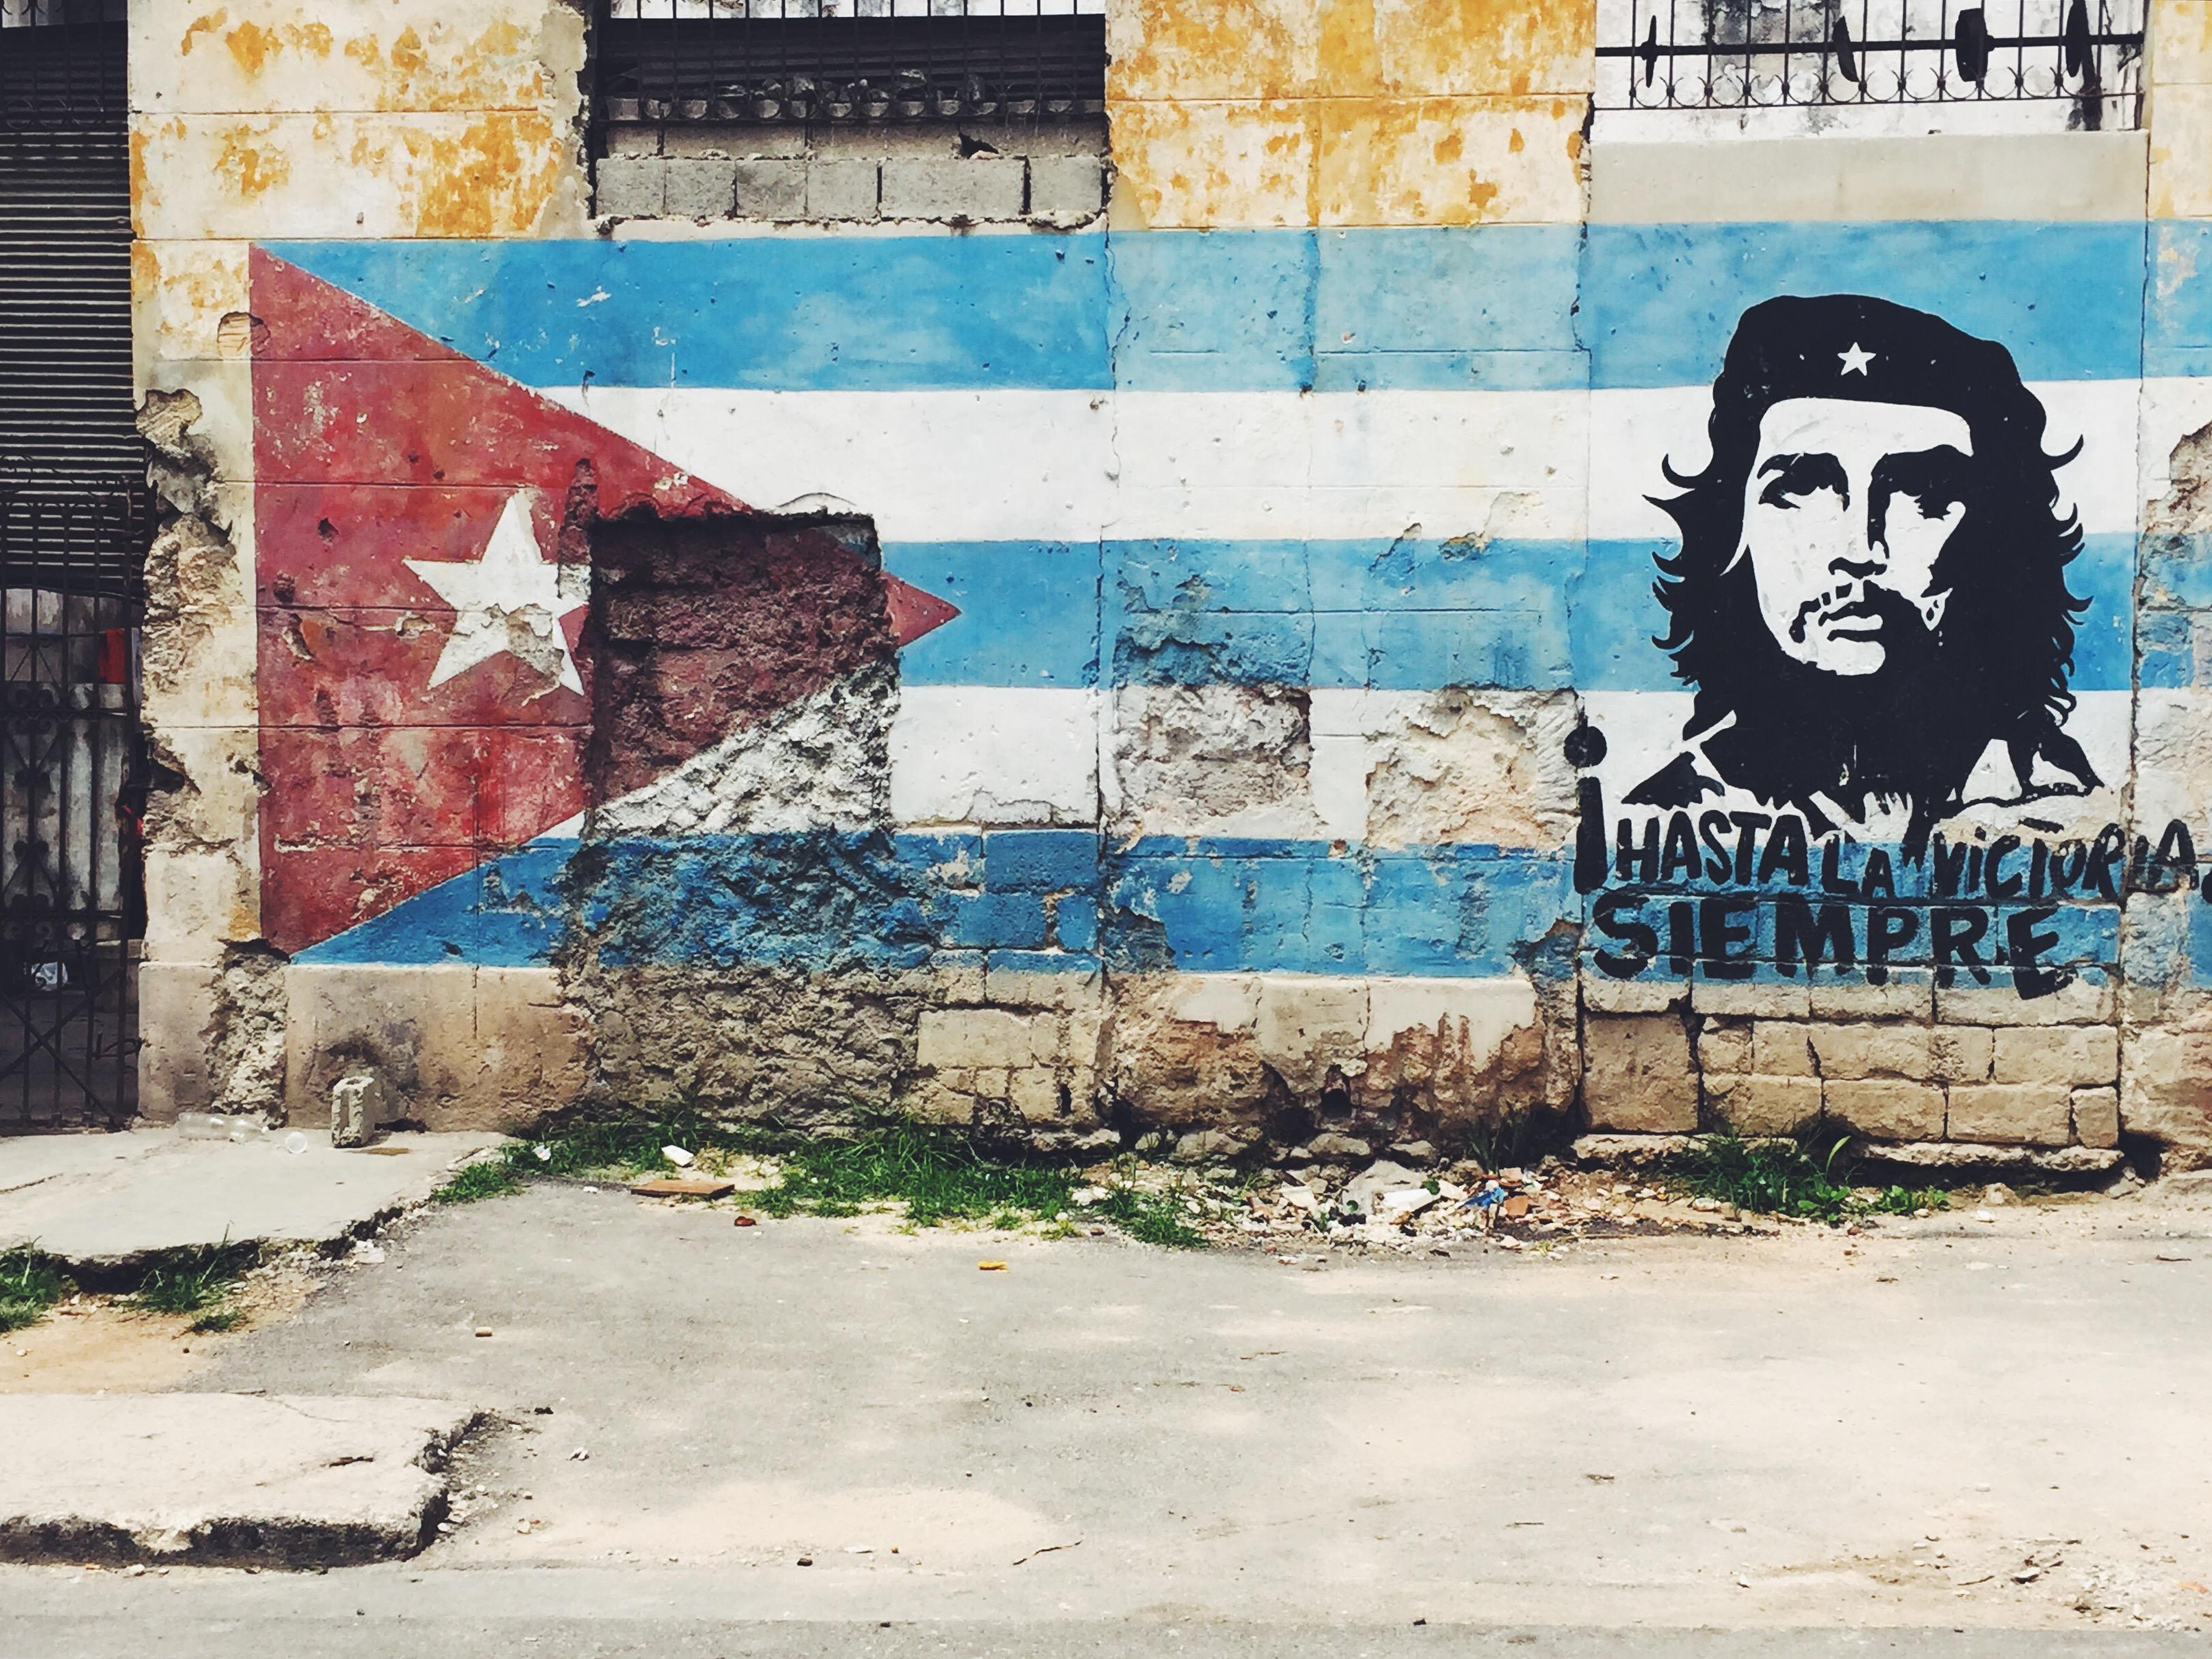 Cuba è lenta